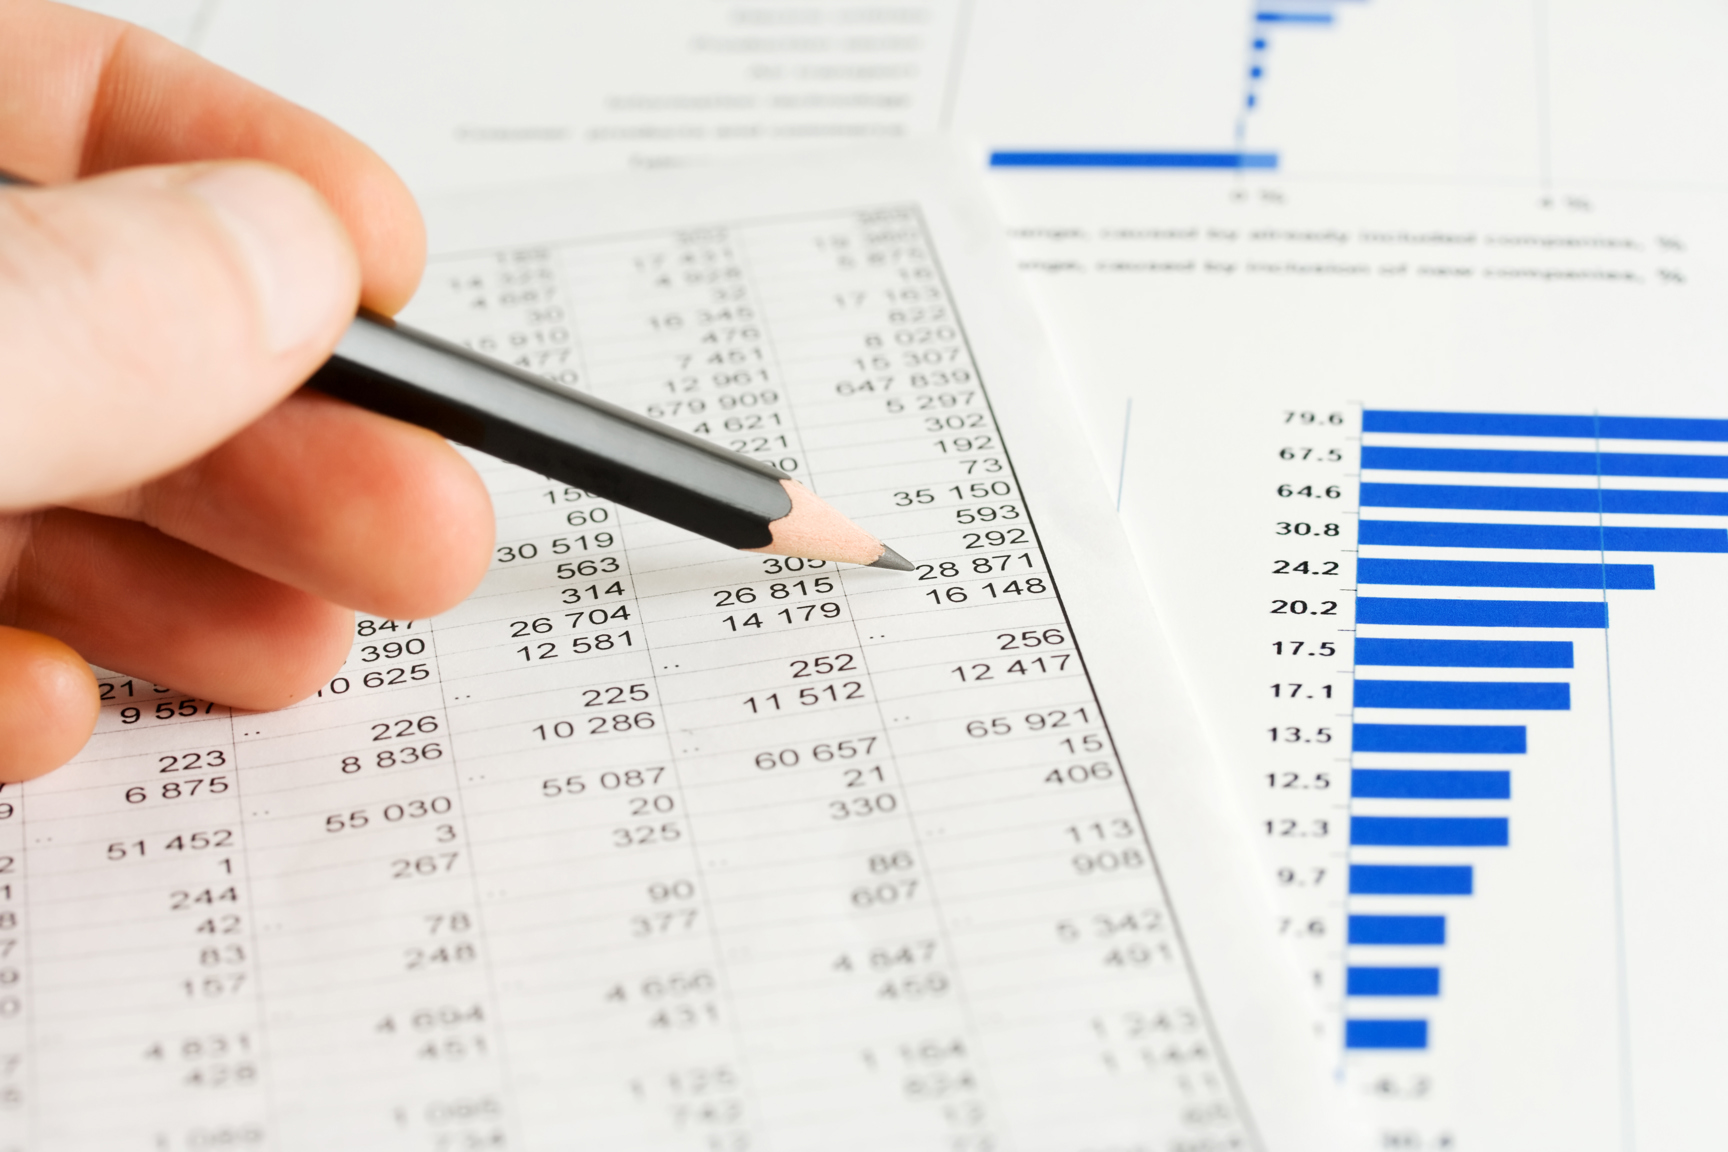 Earnings expectations, Earnings report, Earnings Per Share, Quarterly Earnings